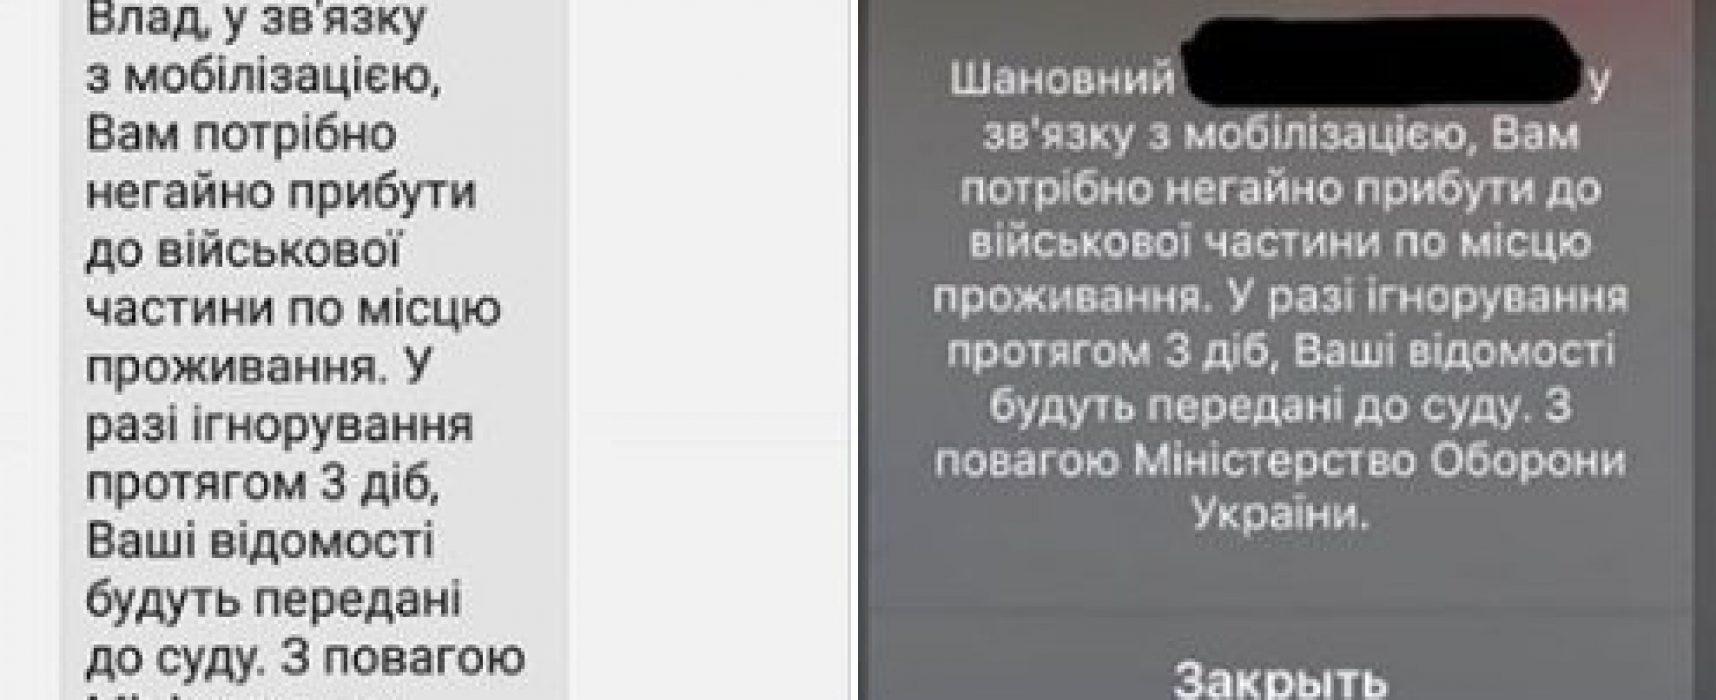 La ley marcial de Ucrania: mitos y fakes difundidos por mensajería y por redes sociales